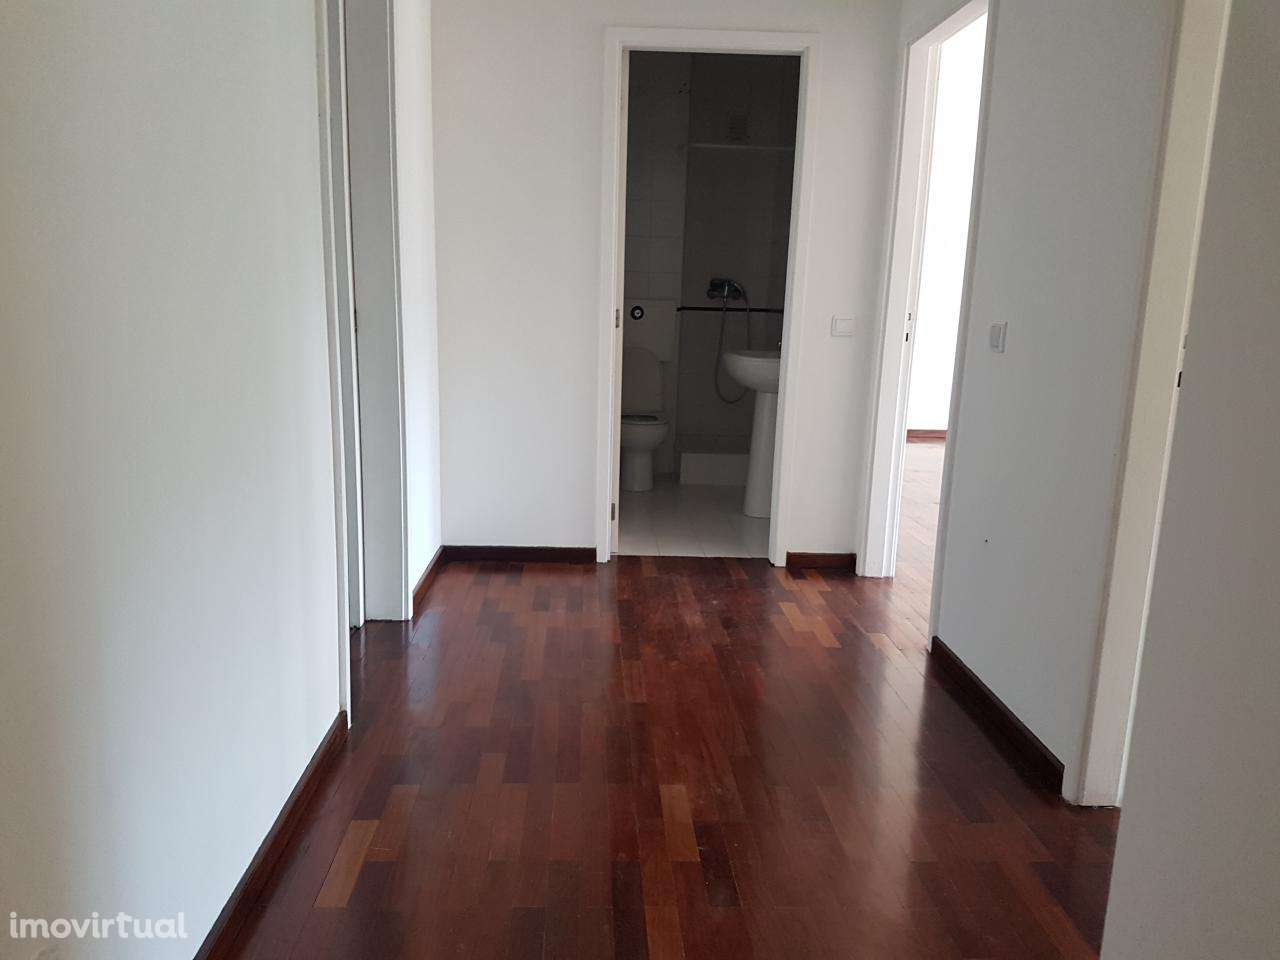 Apartamento para comprar, Bem Viver, Marco de Canaveses, Porto - Foto 6